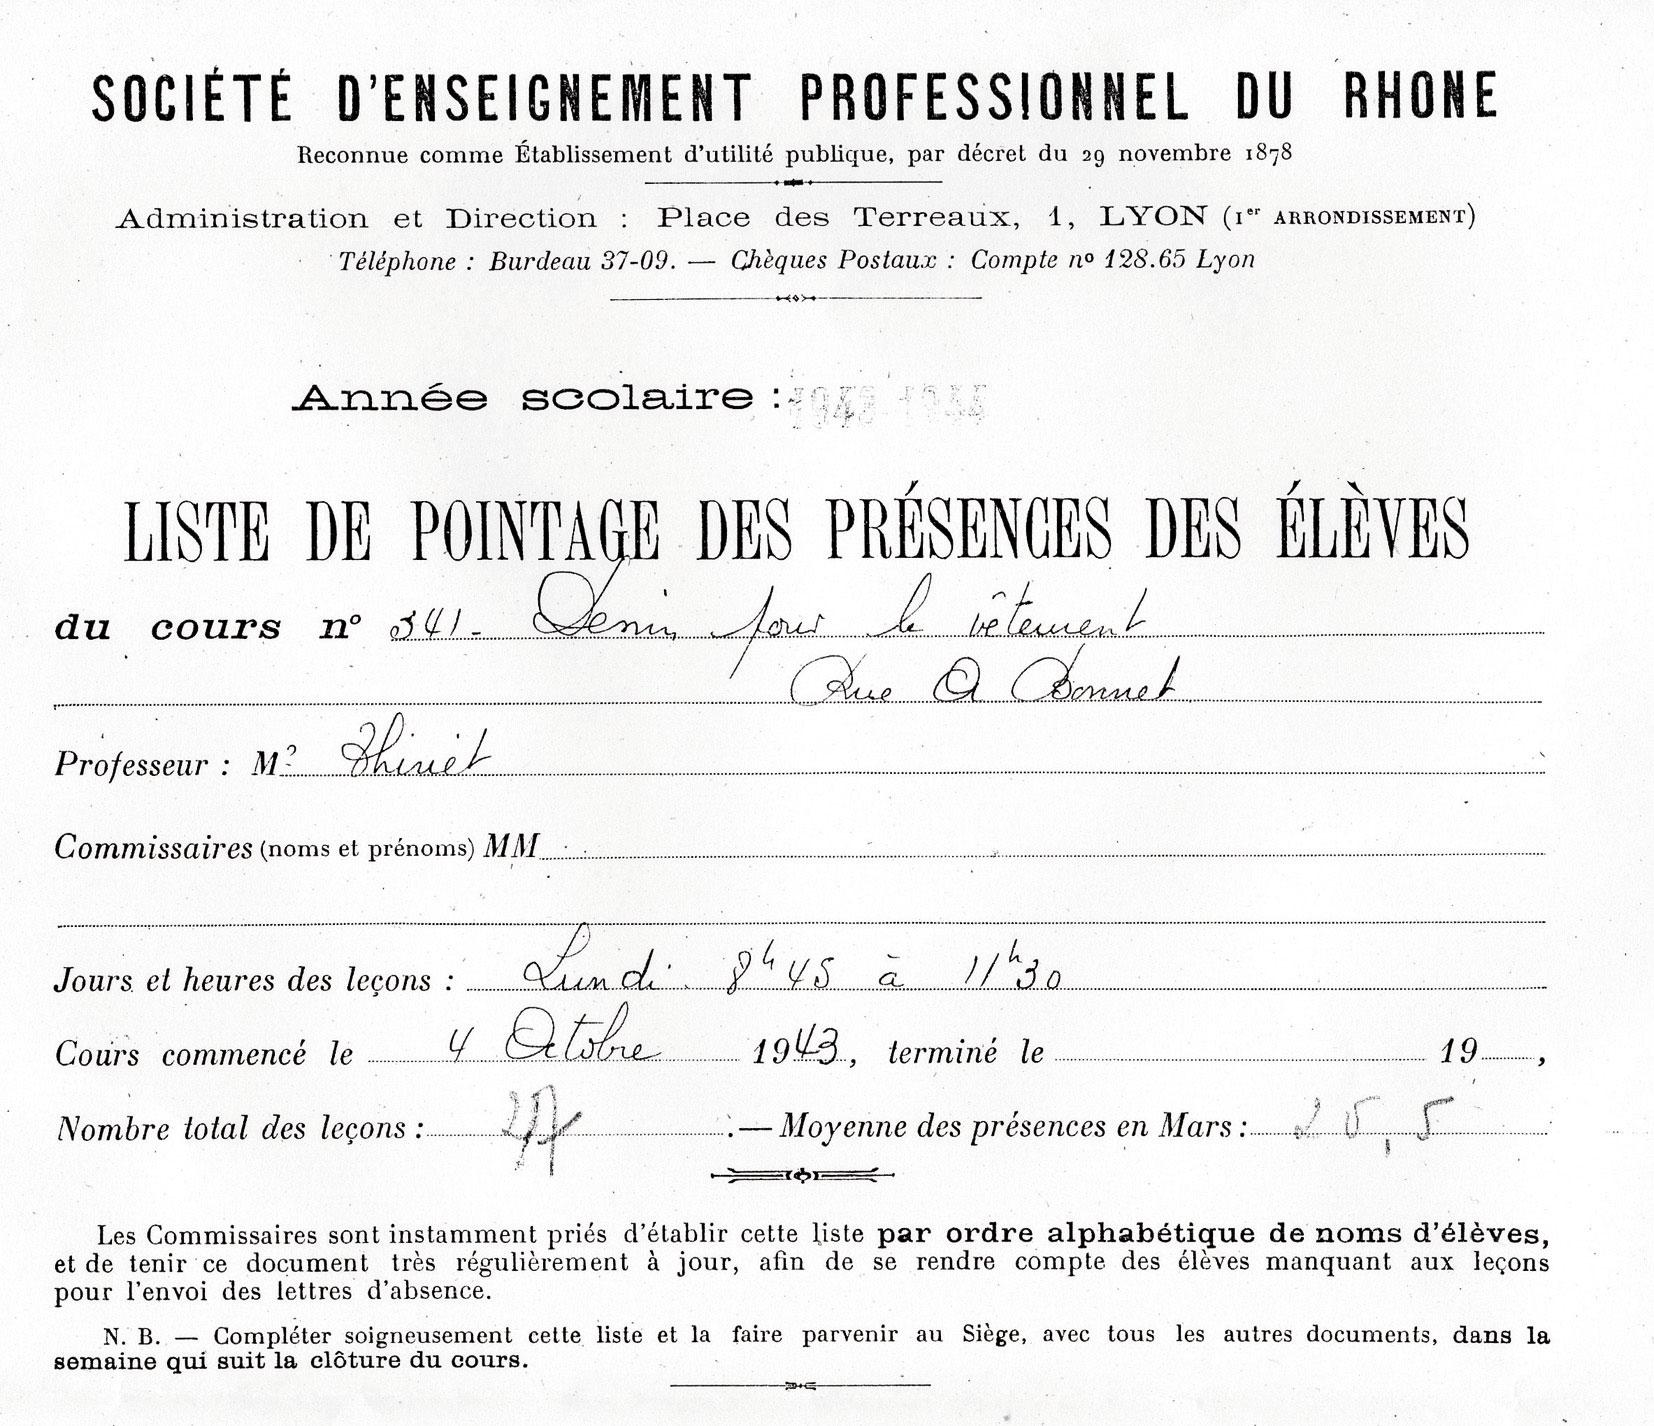 Liste de pointage de la SEPR concernant Charles, Mechally, Saint-Fons